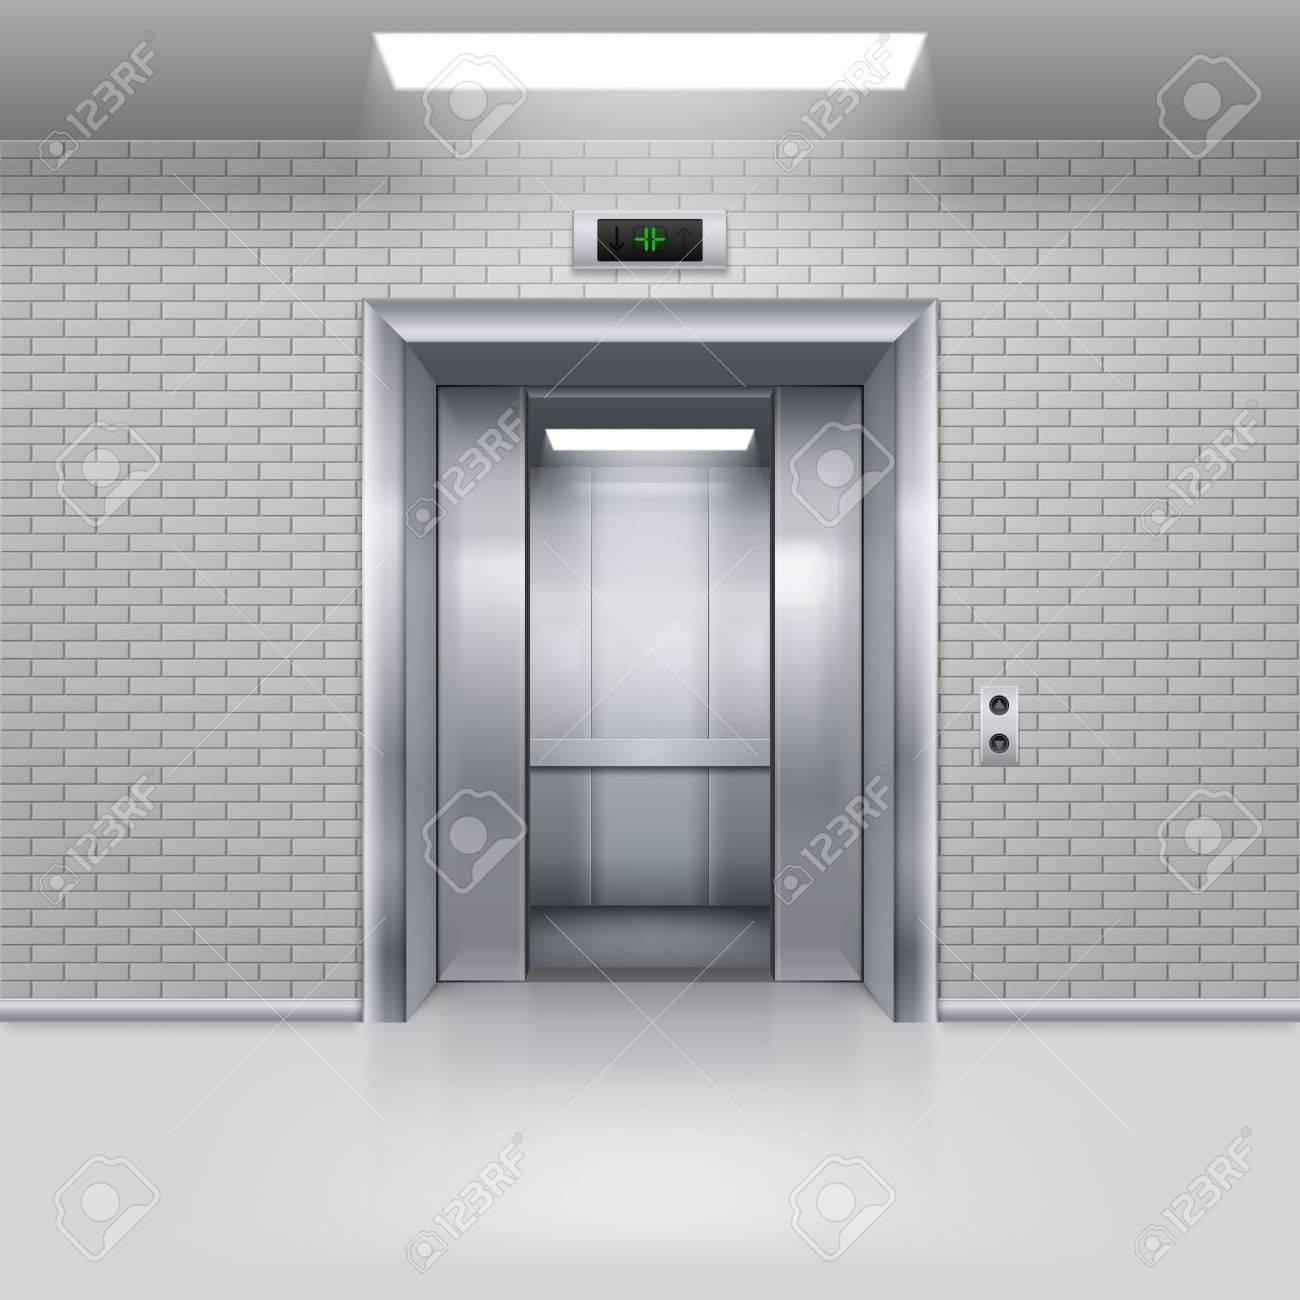 Half Open Chrome Metal Elevator Door In A Brick Wall Stock Photo   55249949